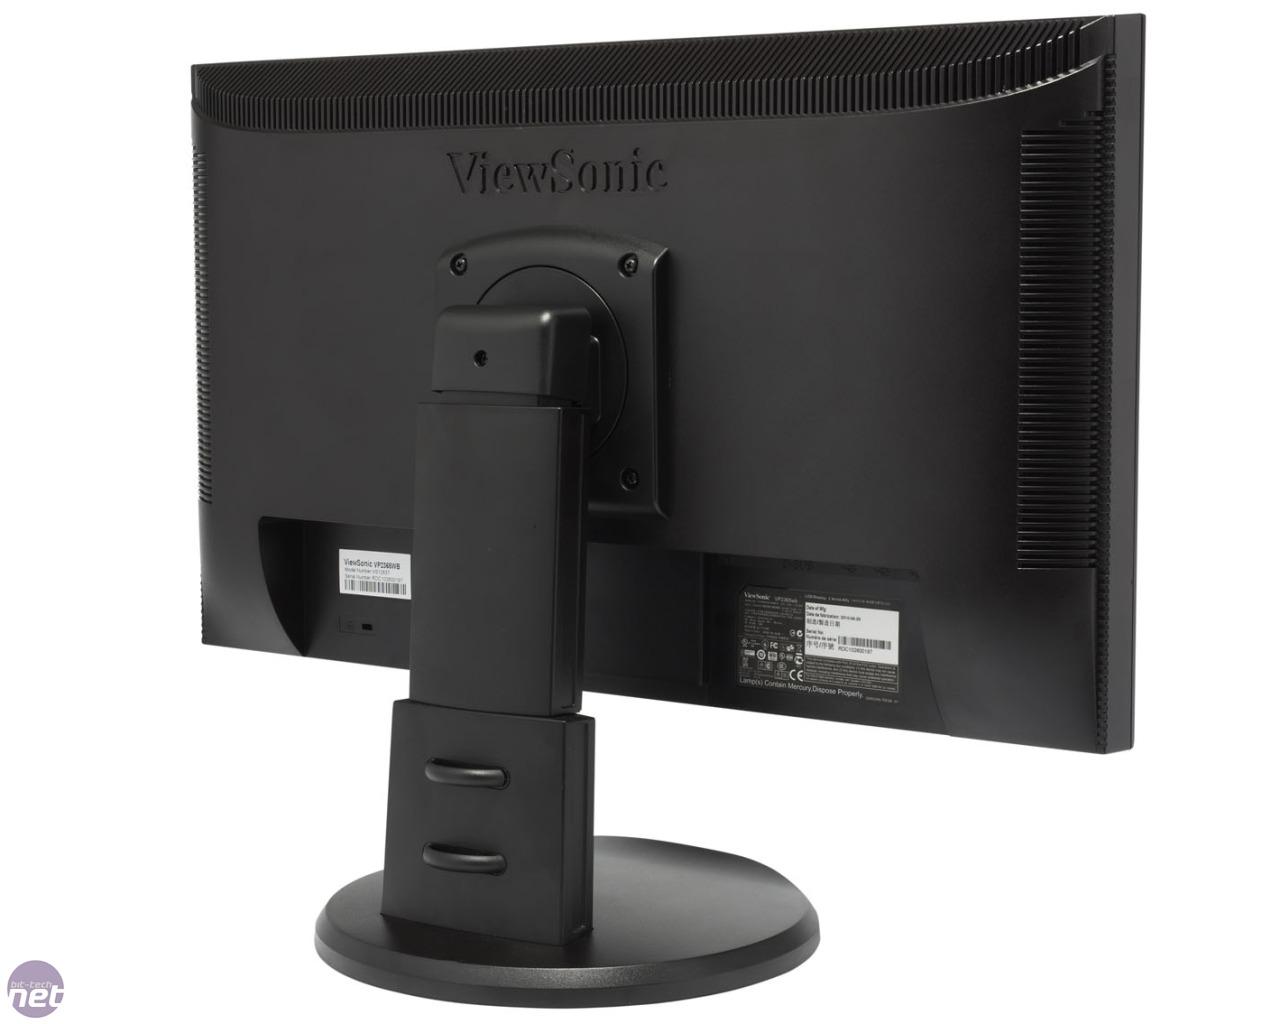 viewsonic vp2365wb review bit tech